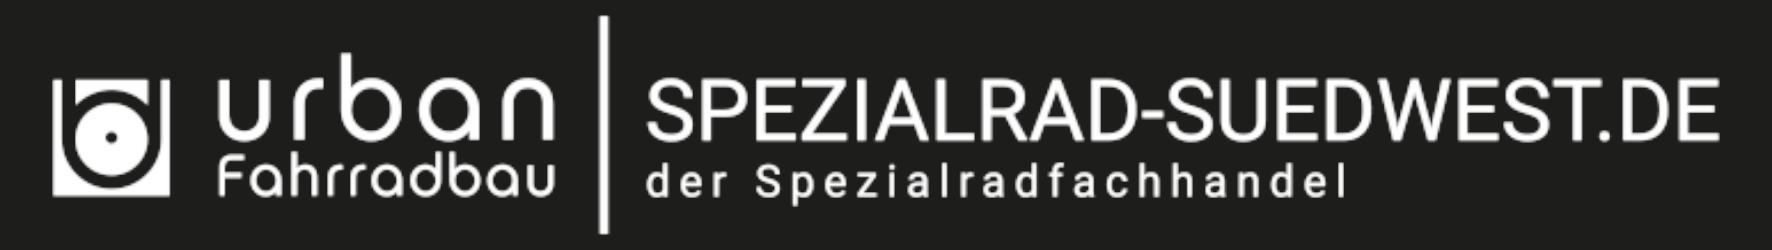 spezialrad-suedwest.de